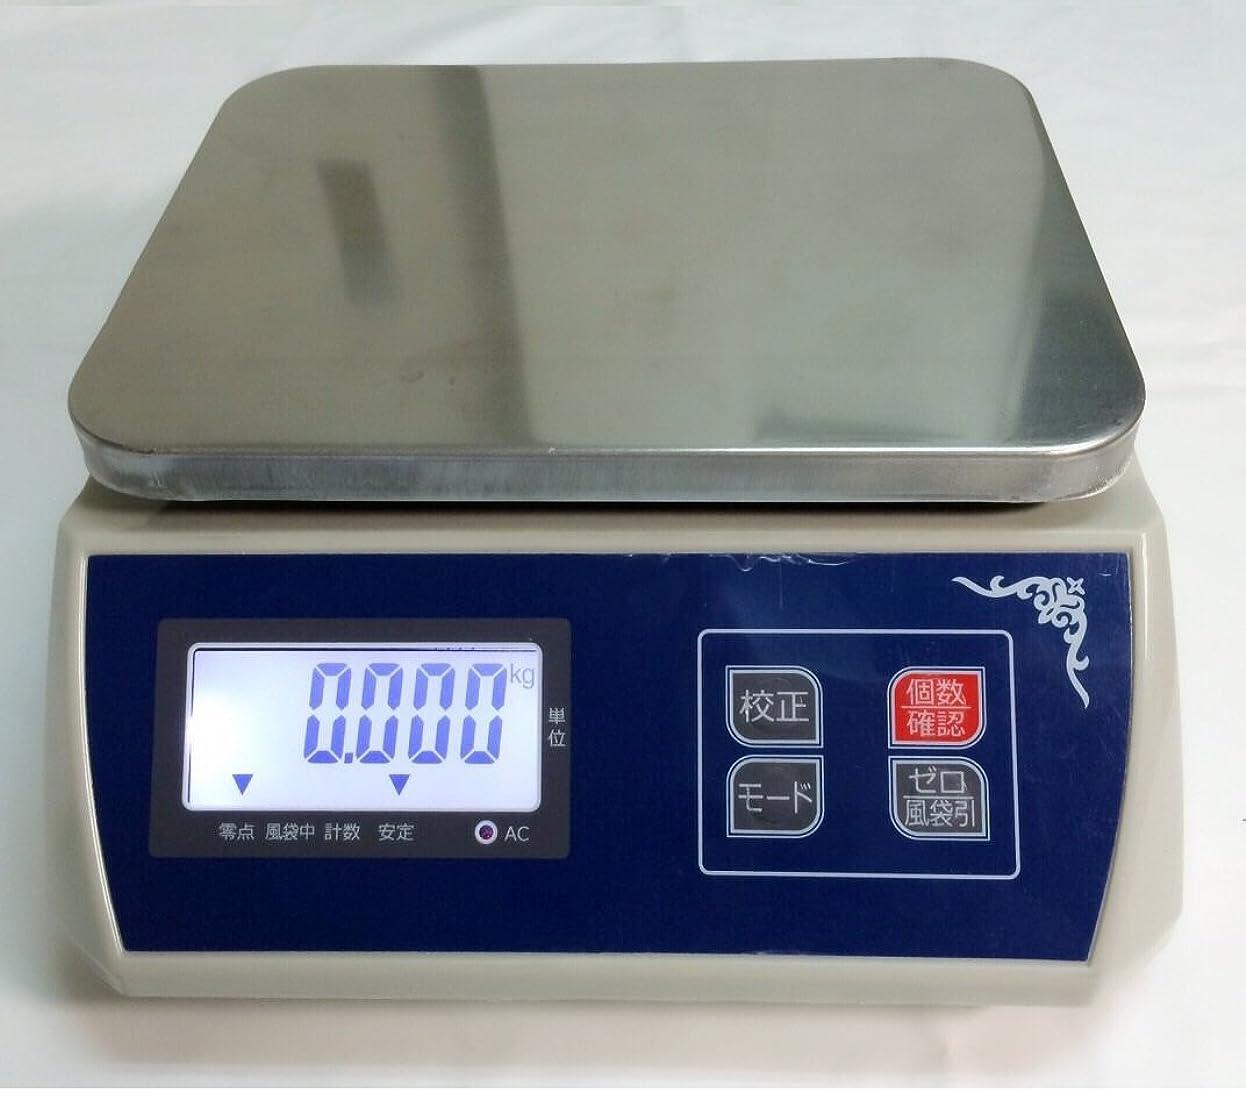 拒絶そしてレオナルドダ三方良し 防塵デジタル皿はかり30kg/5g バッテリー内蔵充電式 液晶大画面表示 ステンレス皿仕様